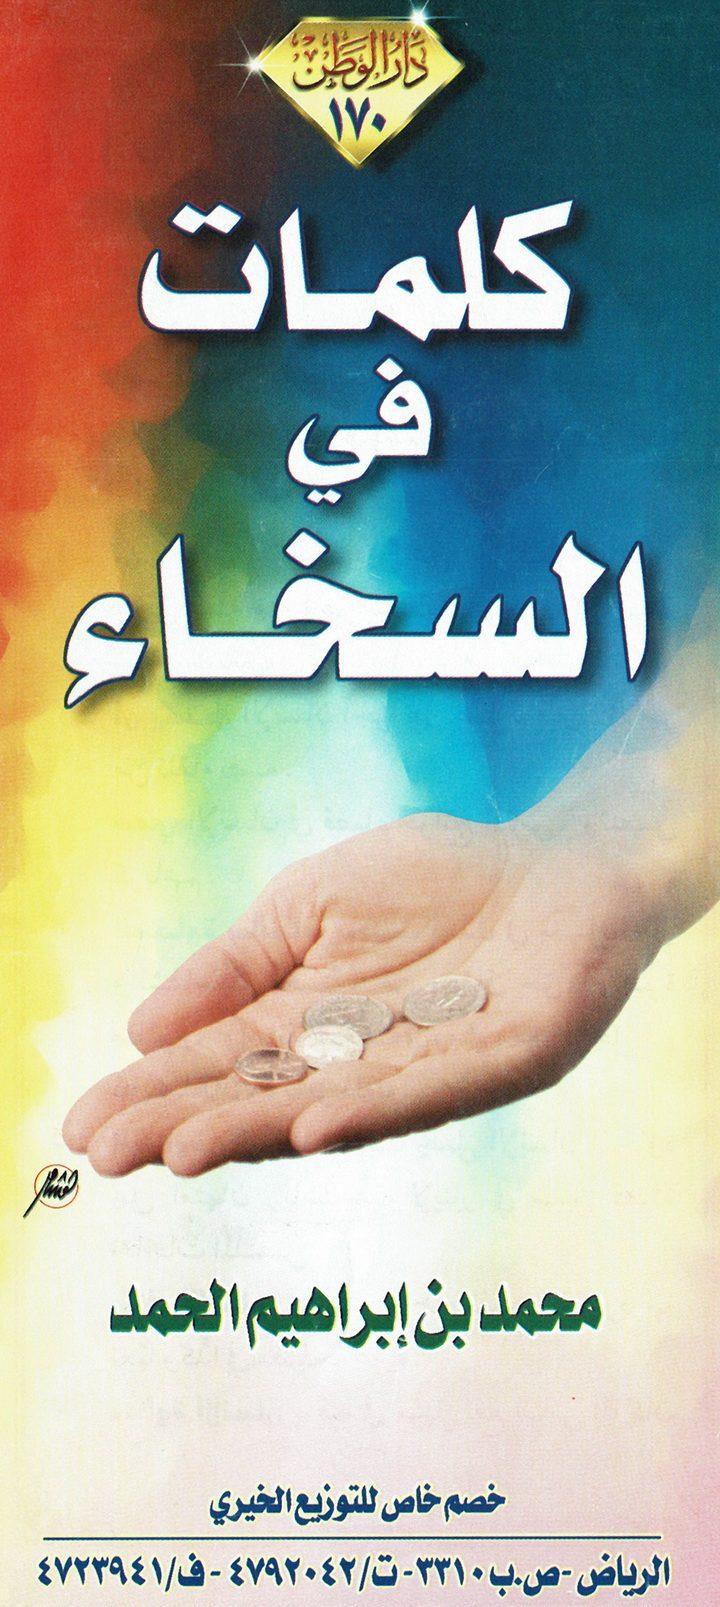 كلمات في السّخاء (محمد بن إبراهيم الحمد – دار الوطن)